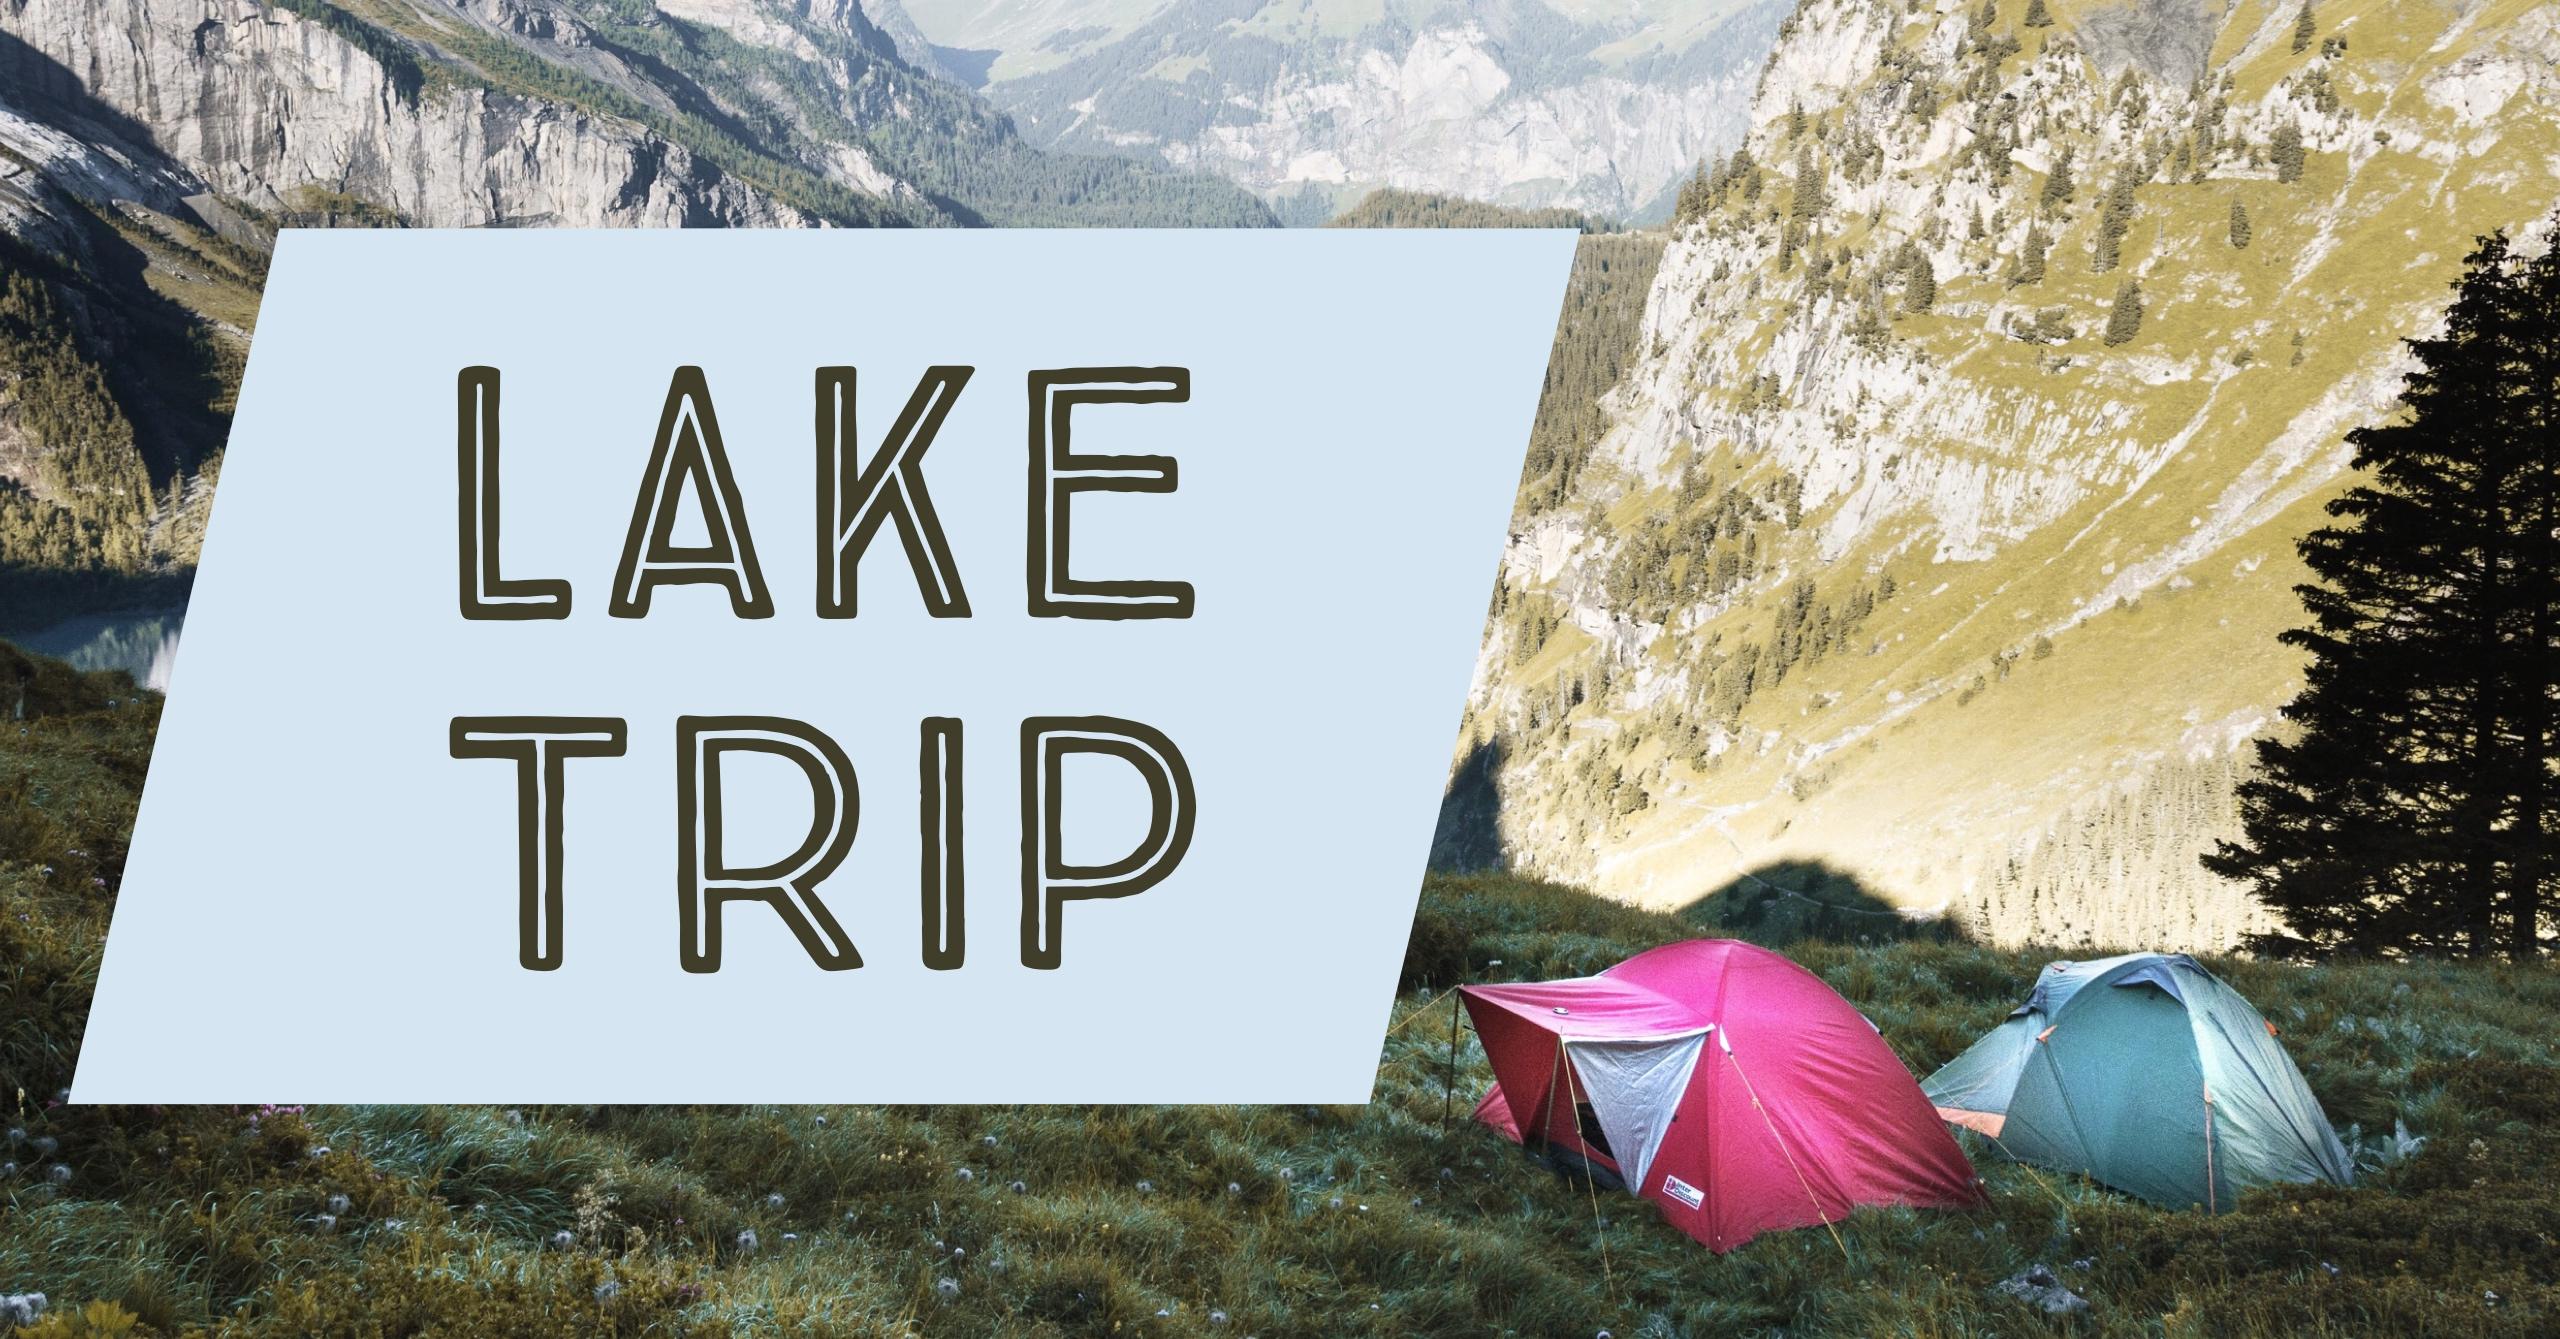 Lake trip photo